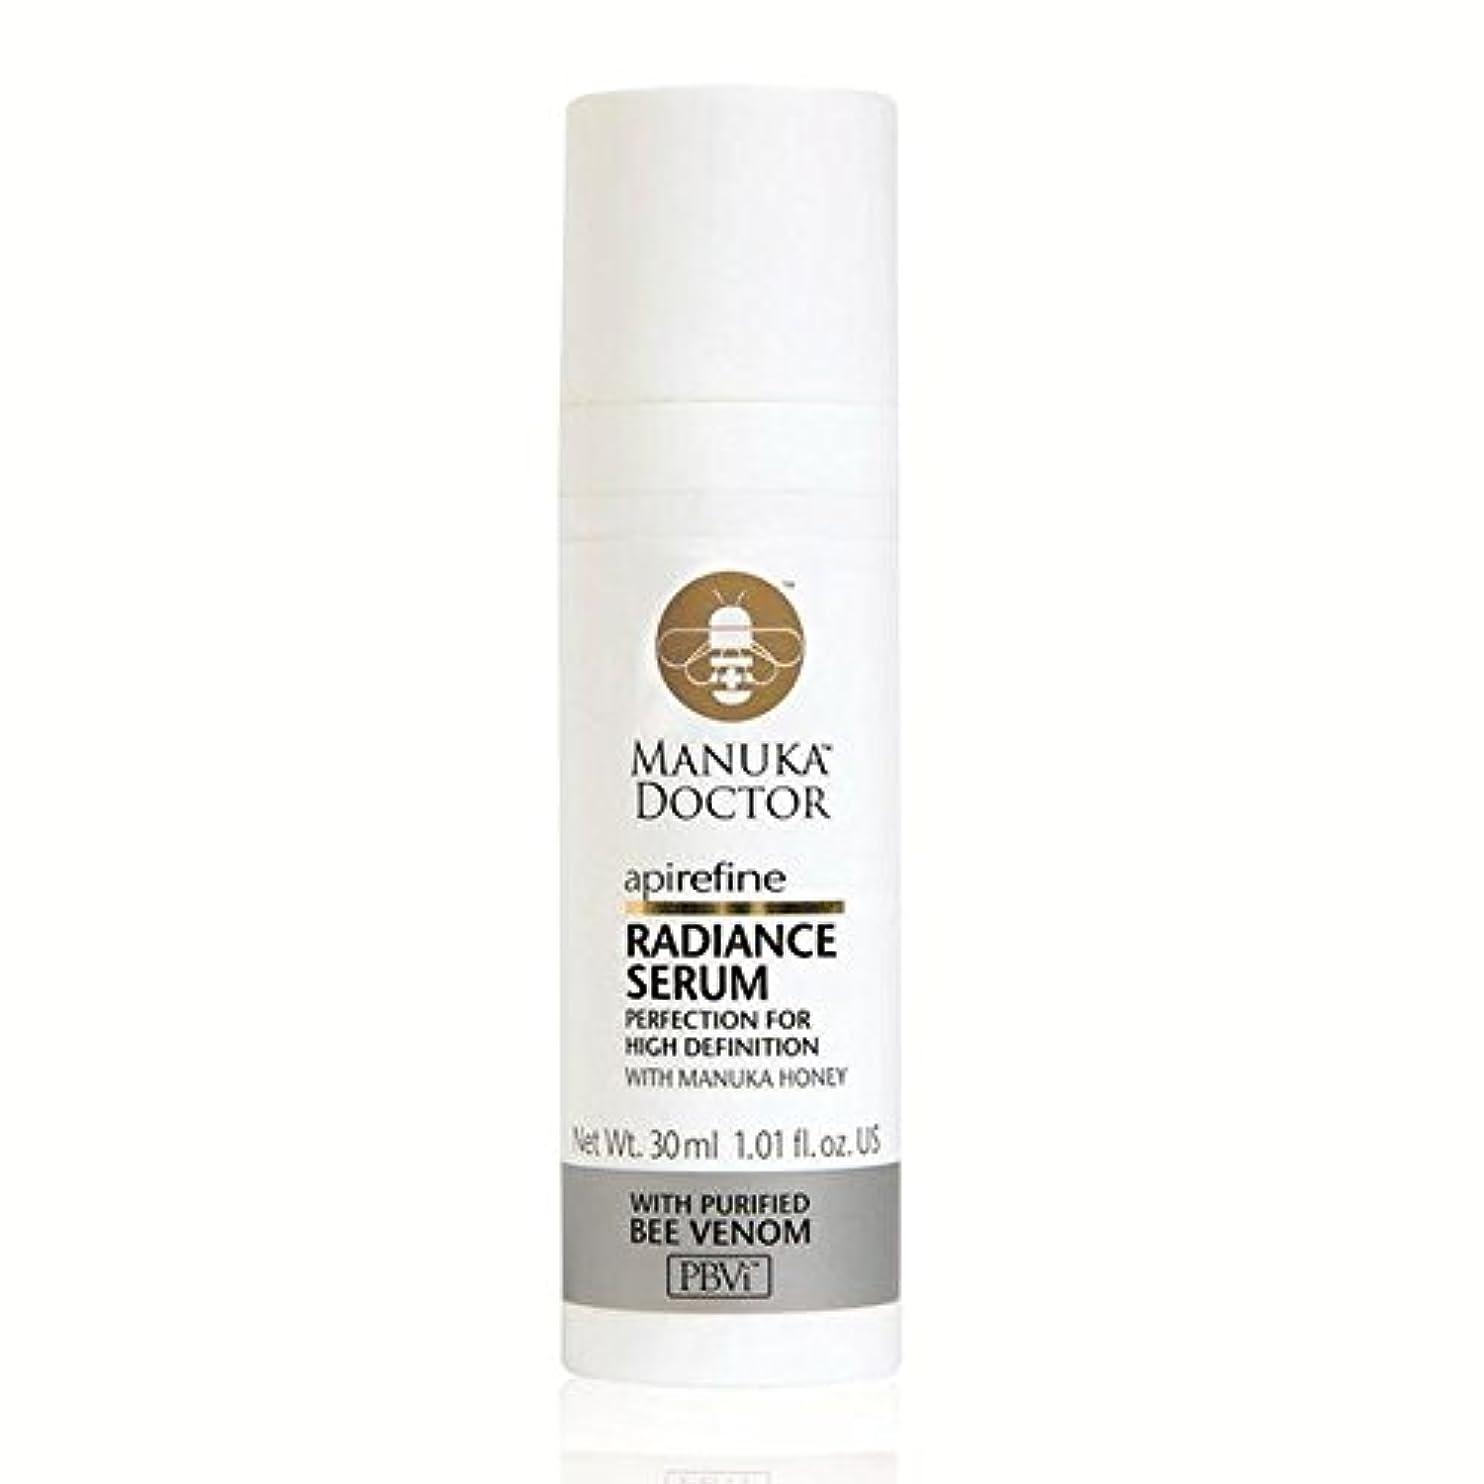 クラシカル通常負担Manuka Doctor Api Refine Radiance Serum 30ml (Pack of 6) - マヌカドクター絞り込み放射輝度セラム30 x6 [並行輸入品]